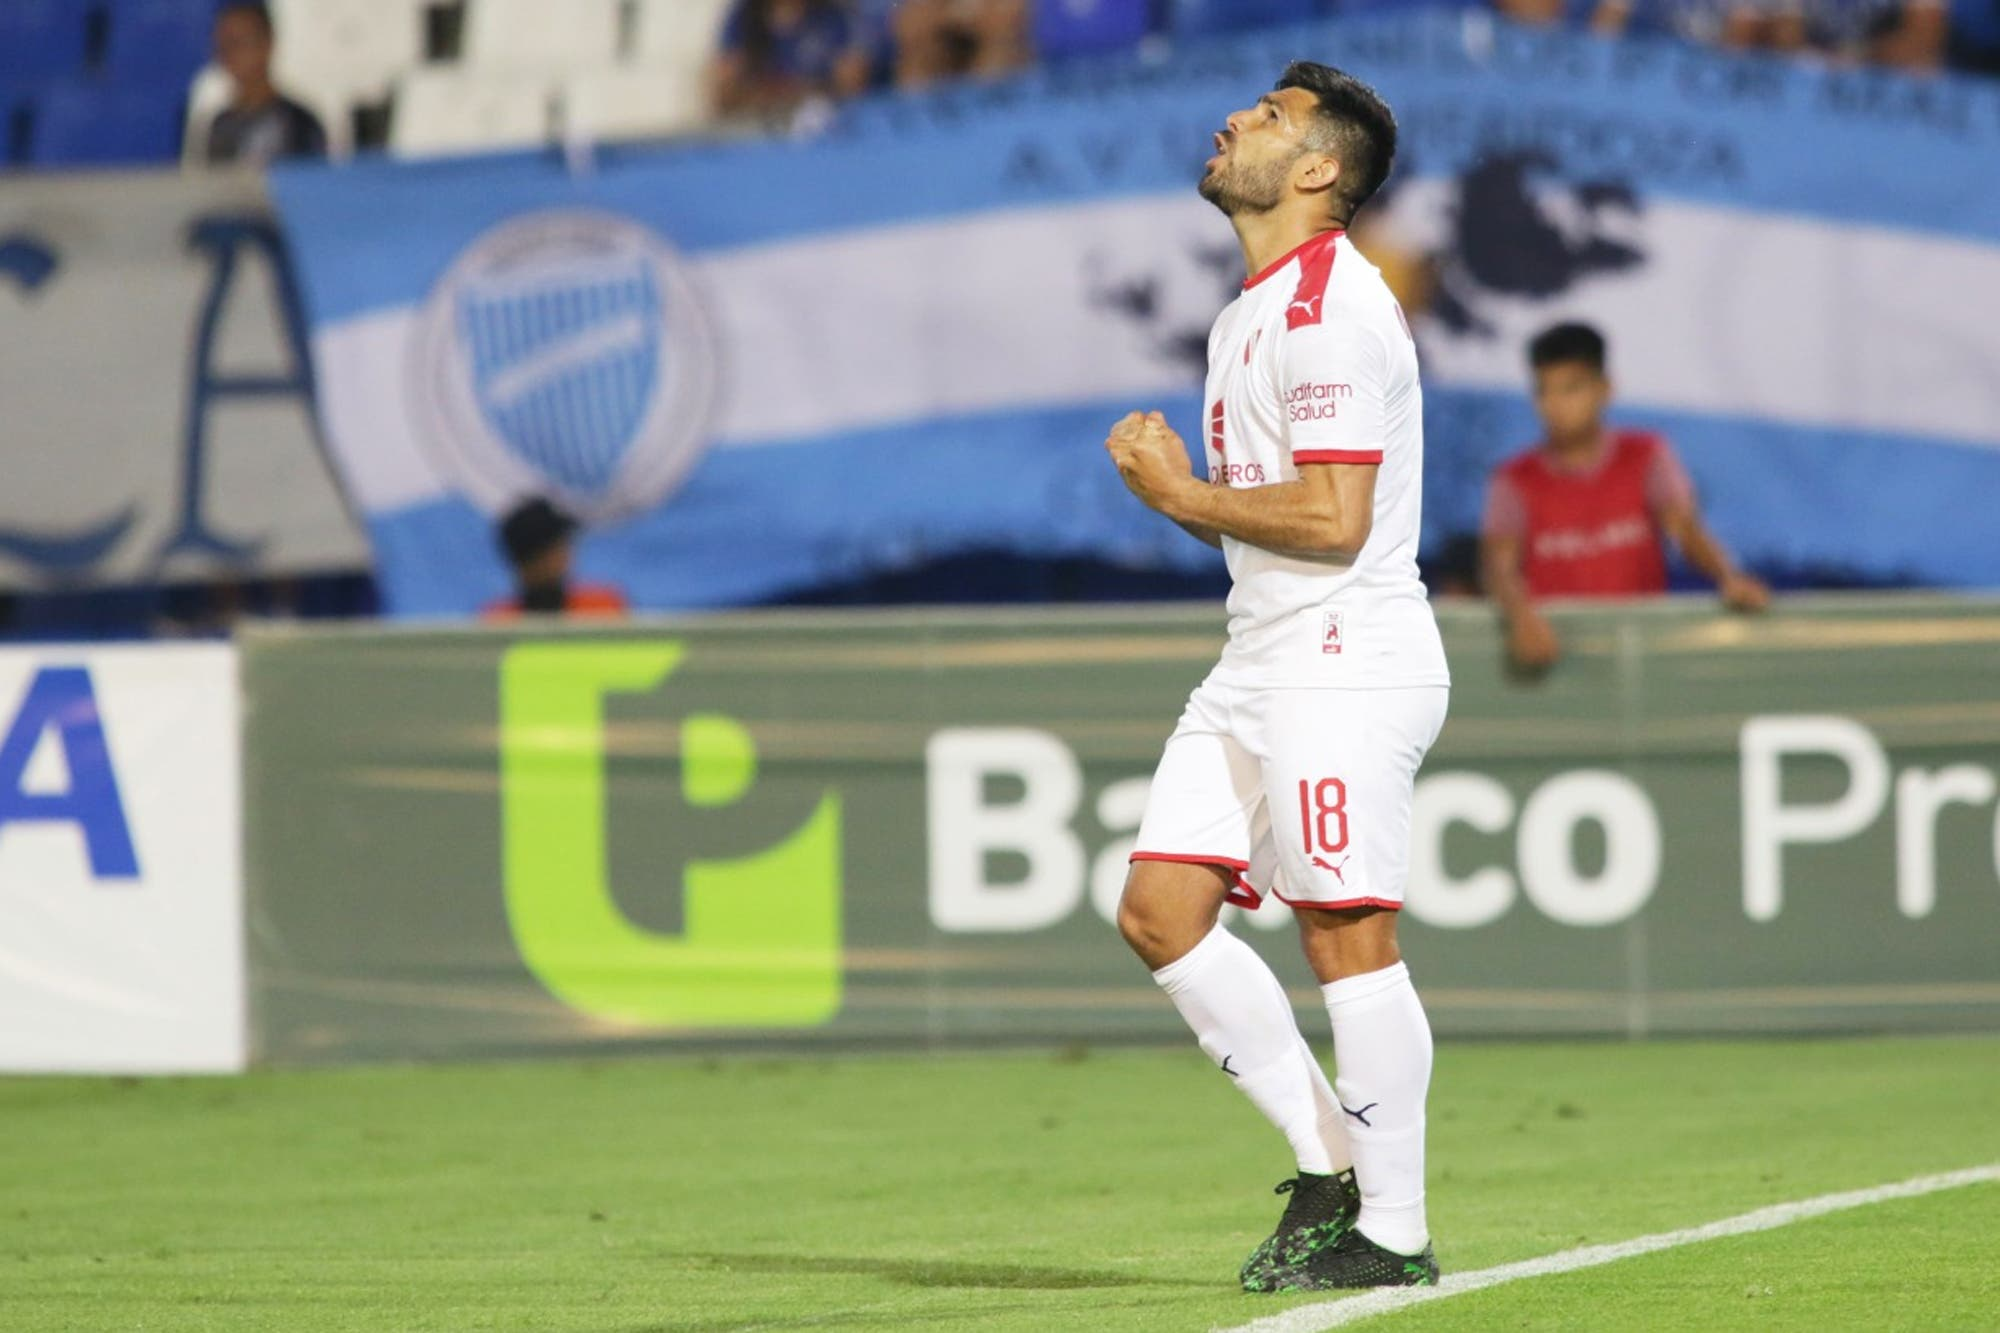 Independiente le ganó a Godoy Cruz en Mendoza y consolida su repunte